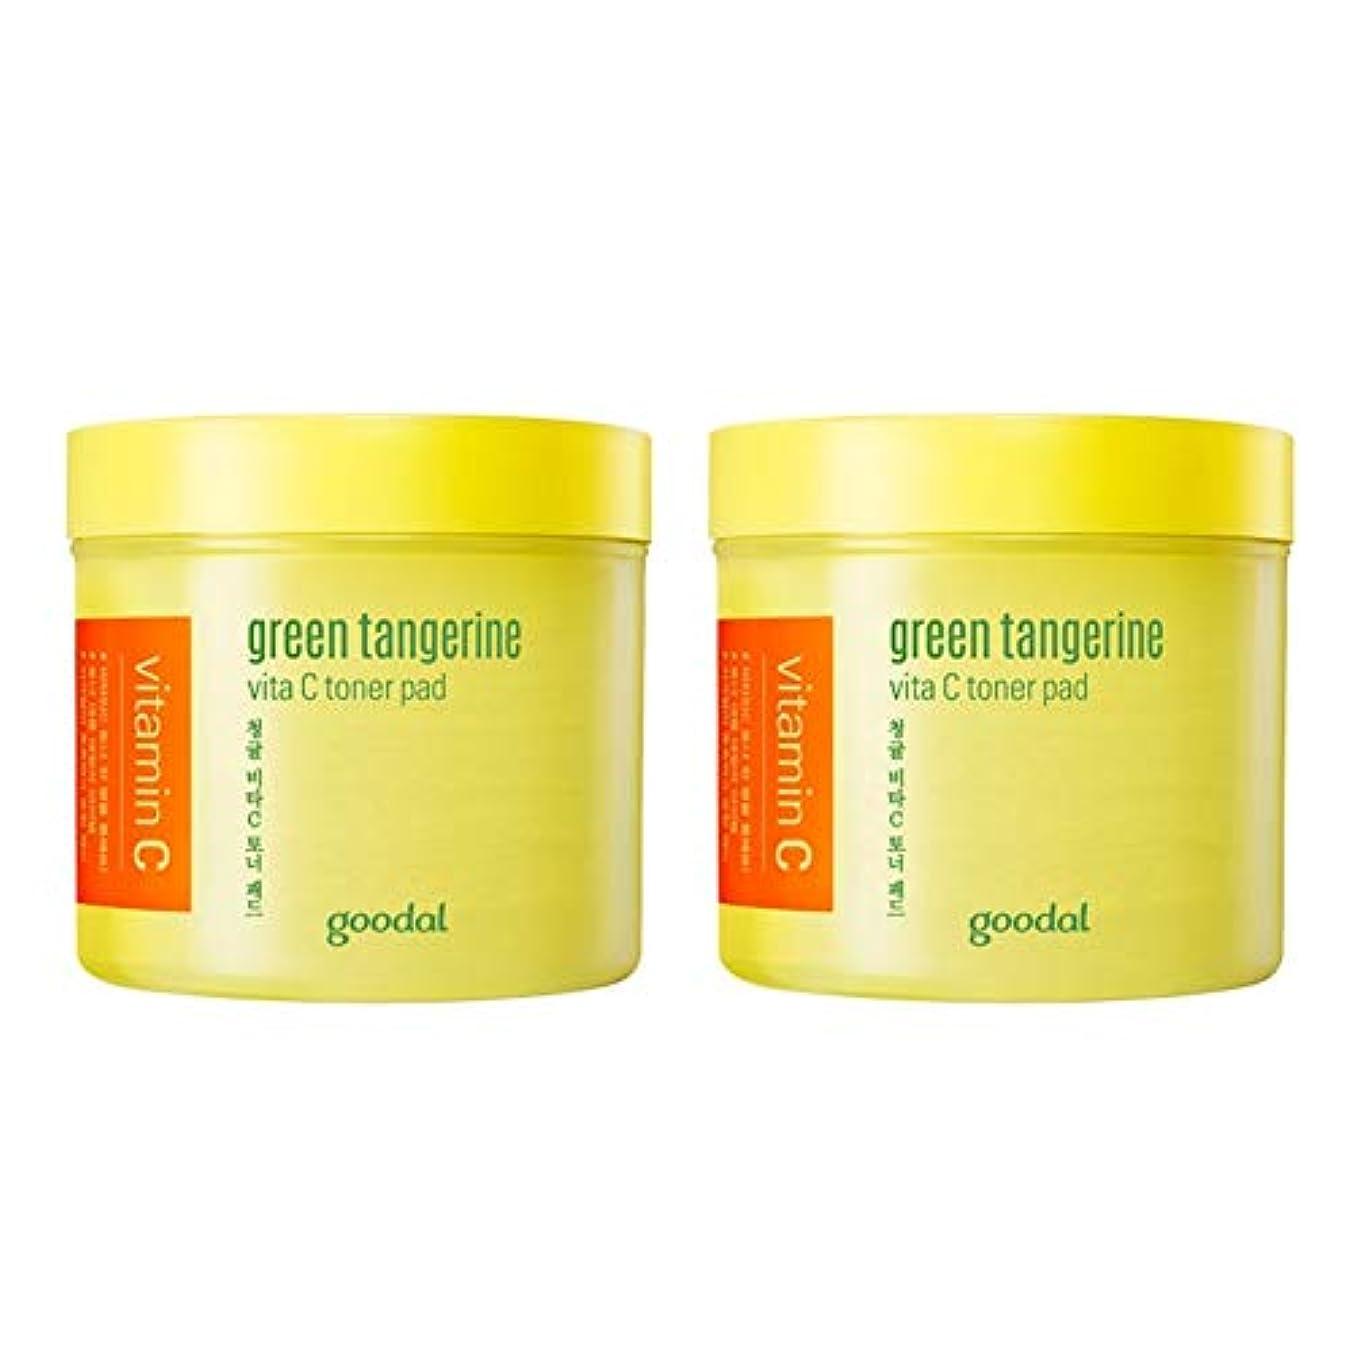 受け入れる先史時代の何よりもグドール青みかんヴィータCトナーパッド70px2本セット質除去、水分供給 韓国コスメ 、Goodal Green Tangerine Vita C Toner Pad 70p x 2ea Set Korean Cosmetics...